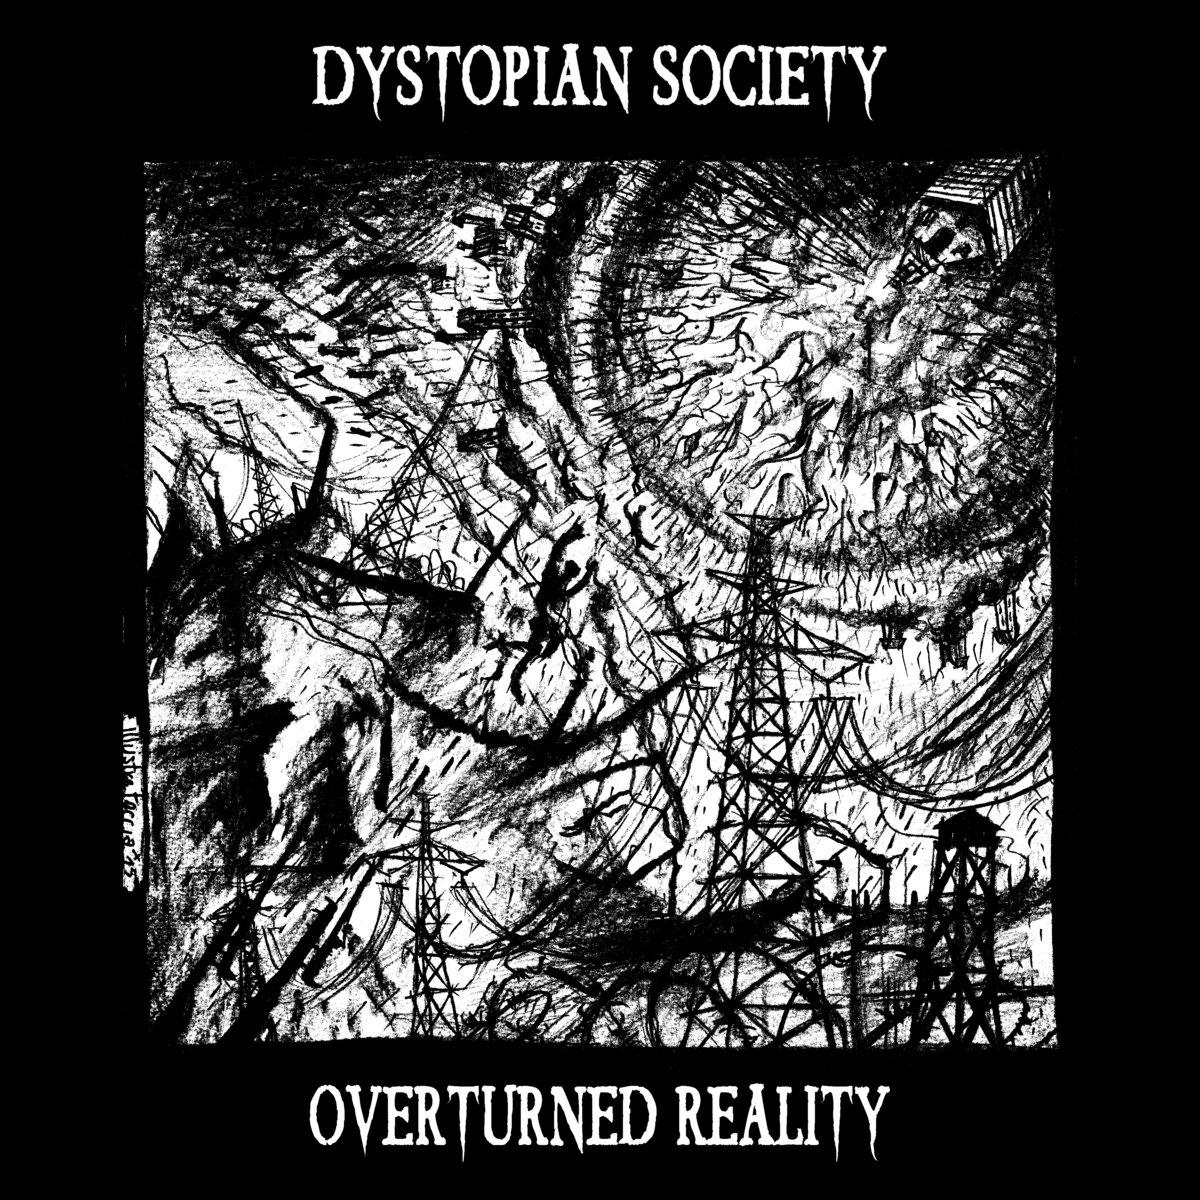 Dystopian Society